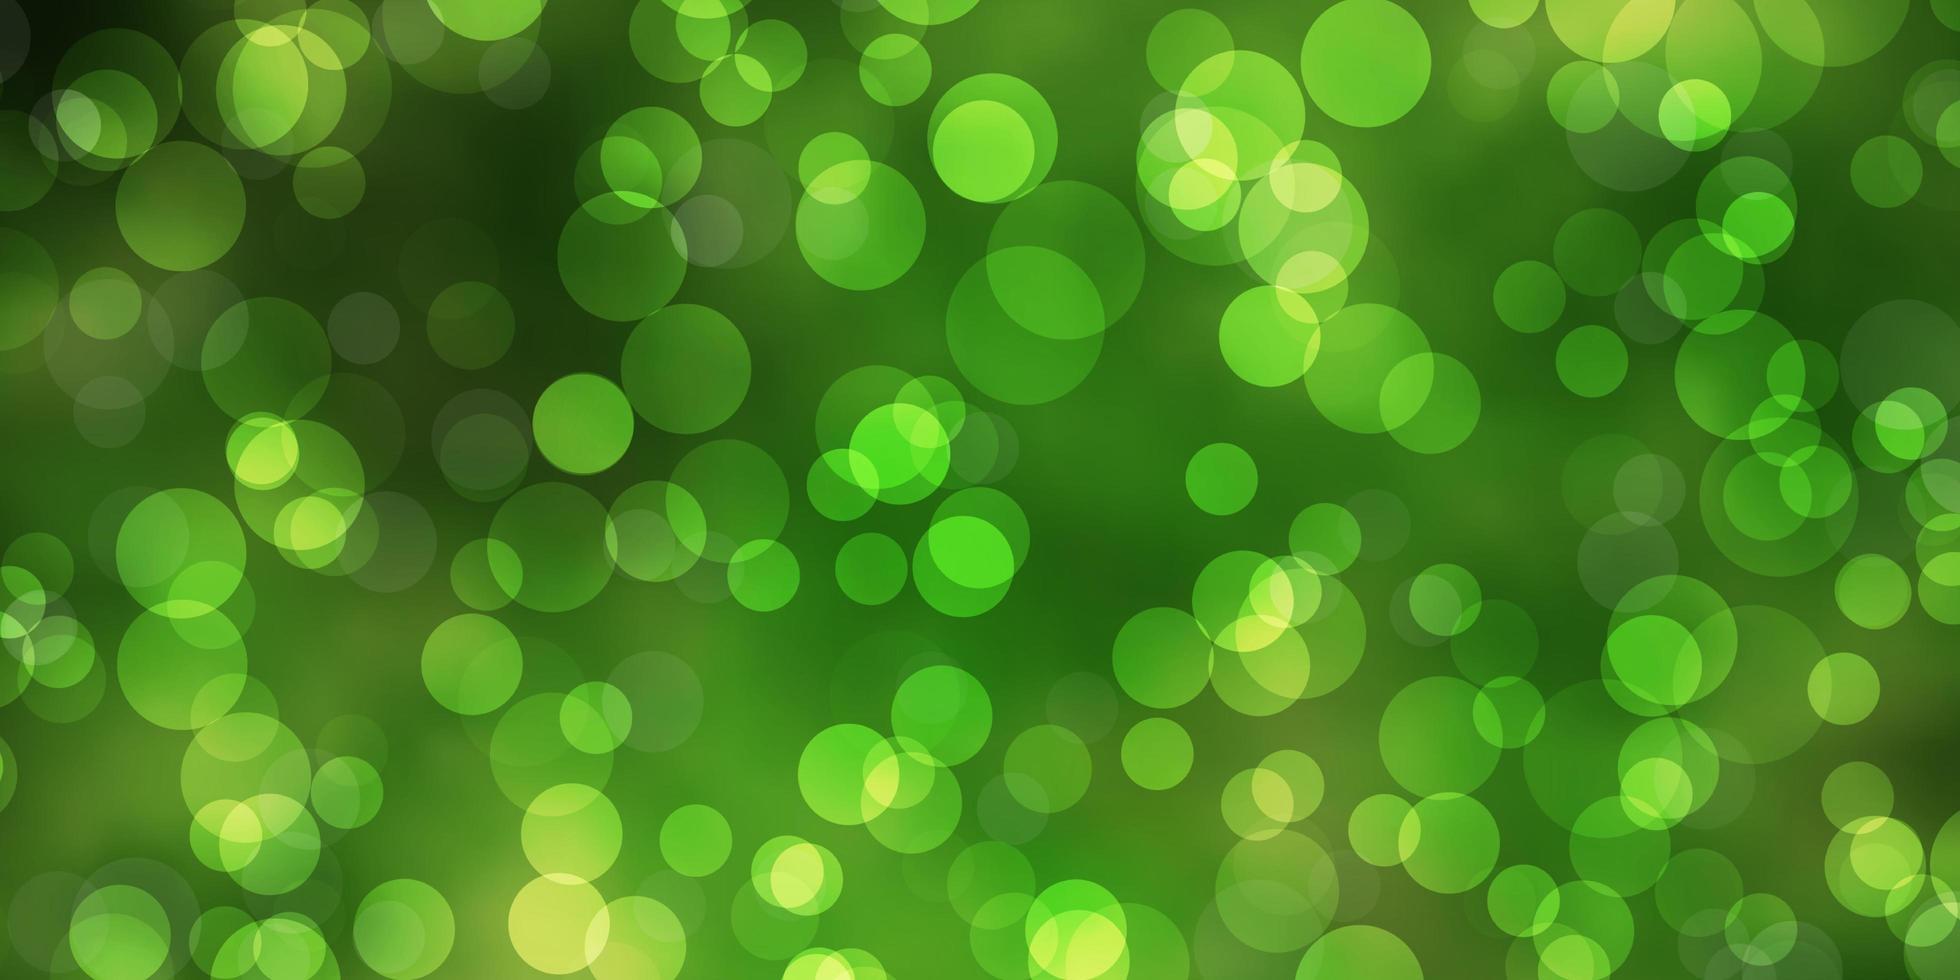 grön layout med cirkelformer. vektor